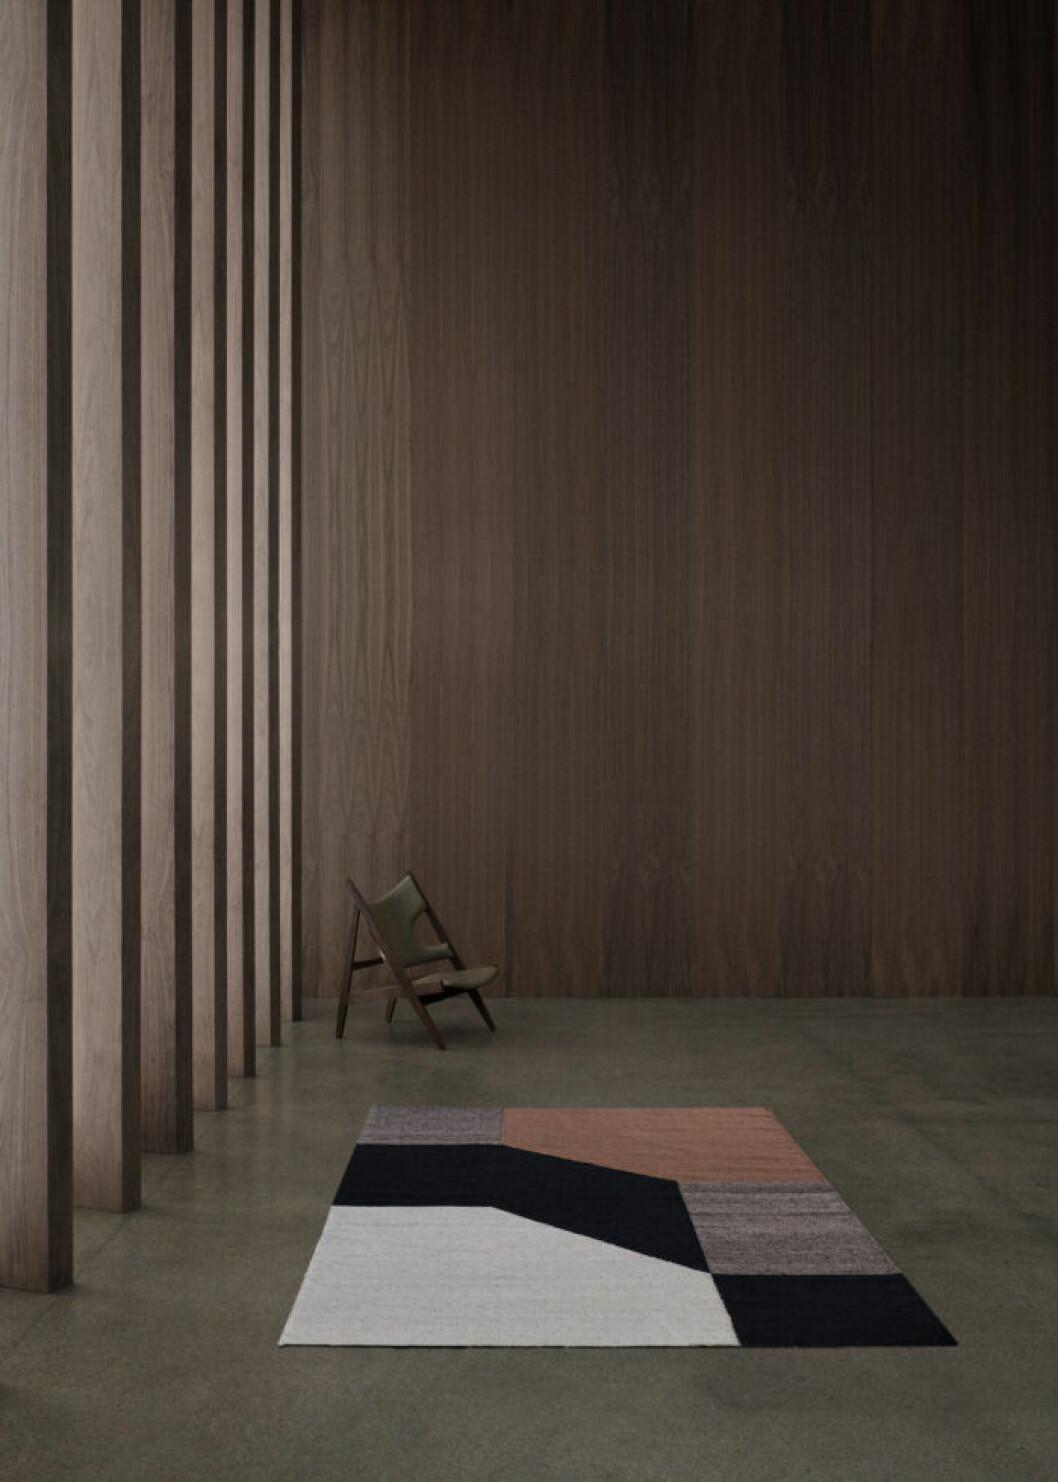 Matta med grafiskt mönster i jordiga toner från Linie design